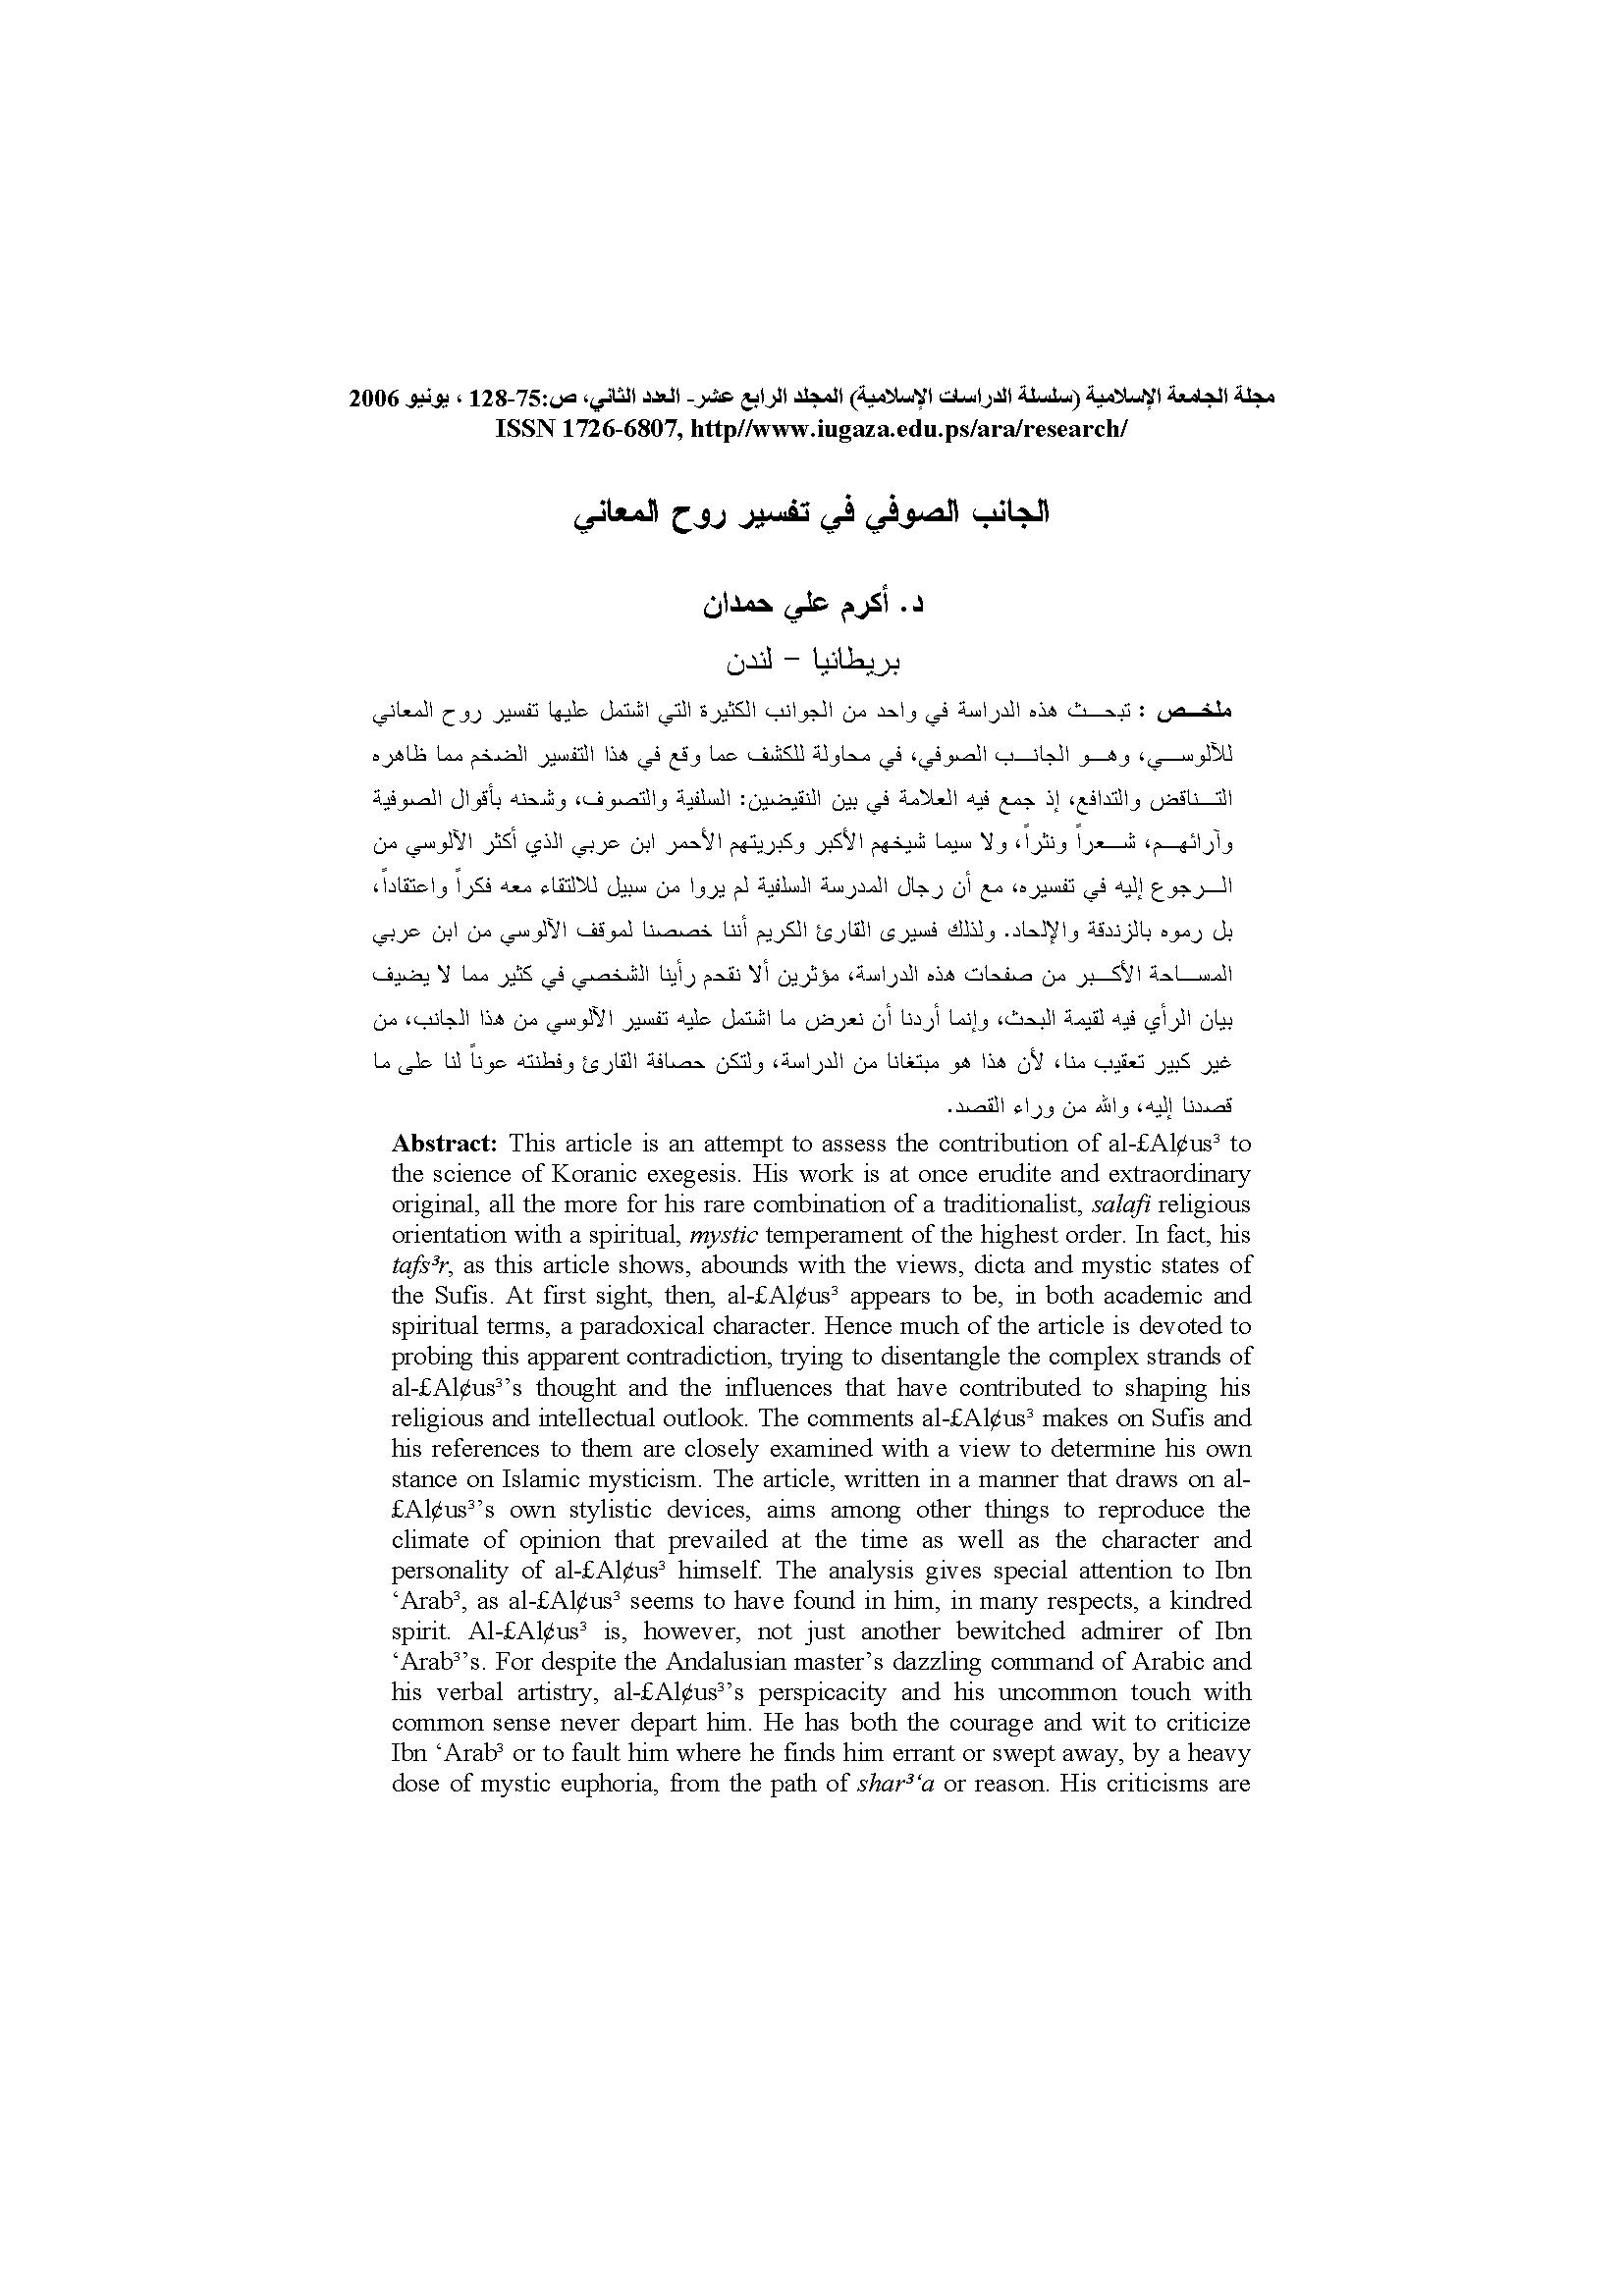 كتاب الجانب الصوفي في تفسير روح المعاني